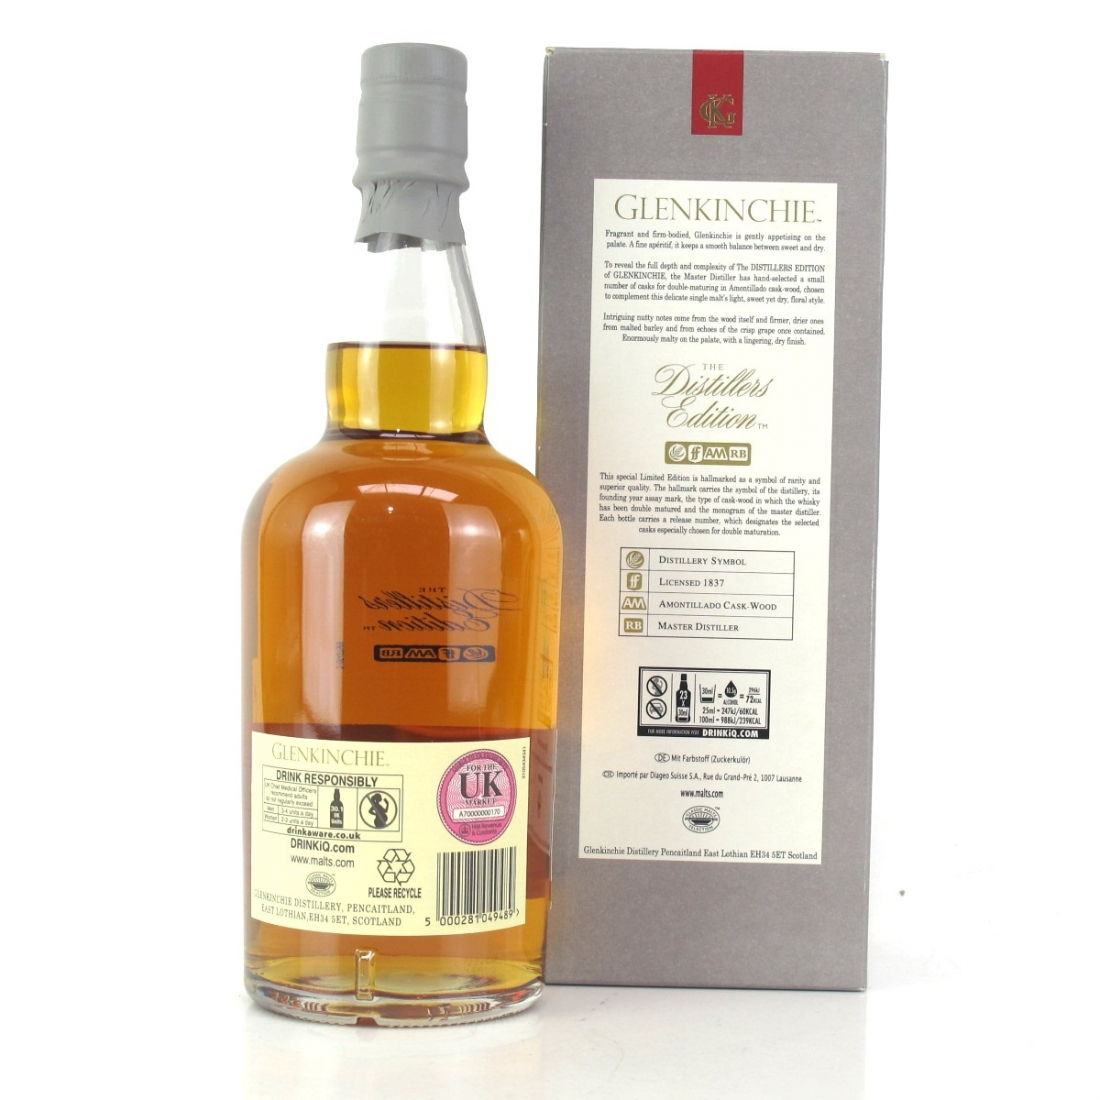 Glenkinchie 2005 Distillers Edition 2017